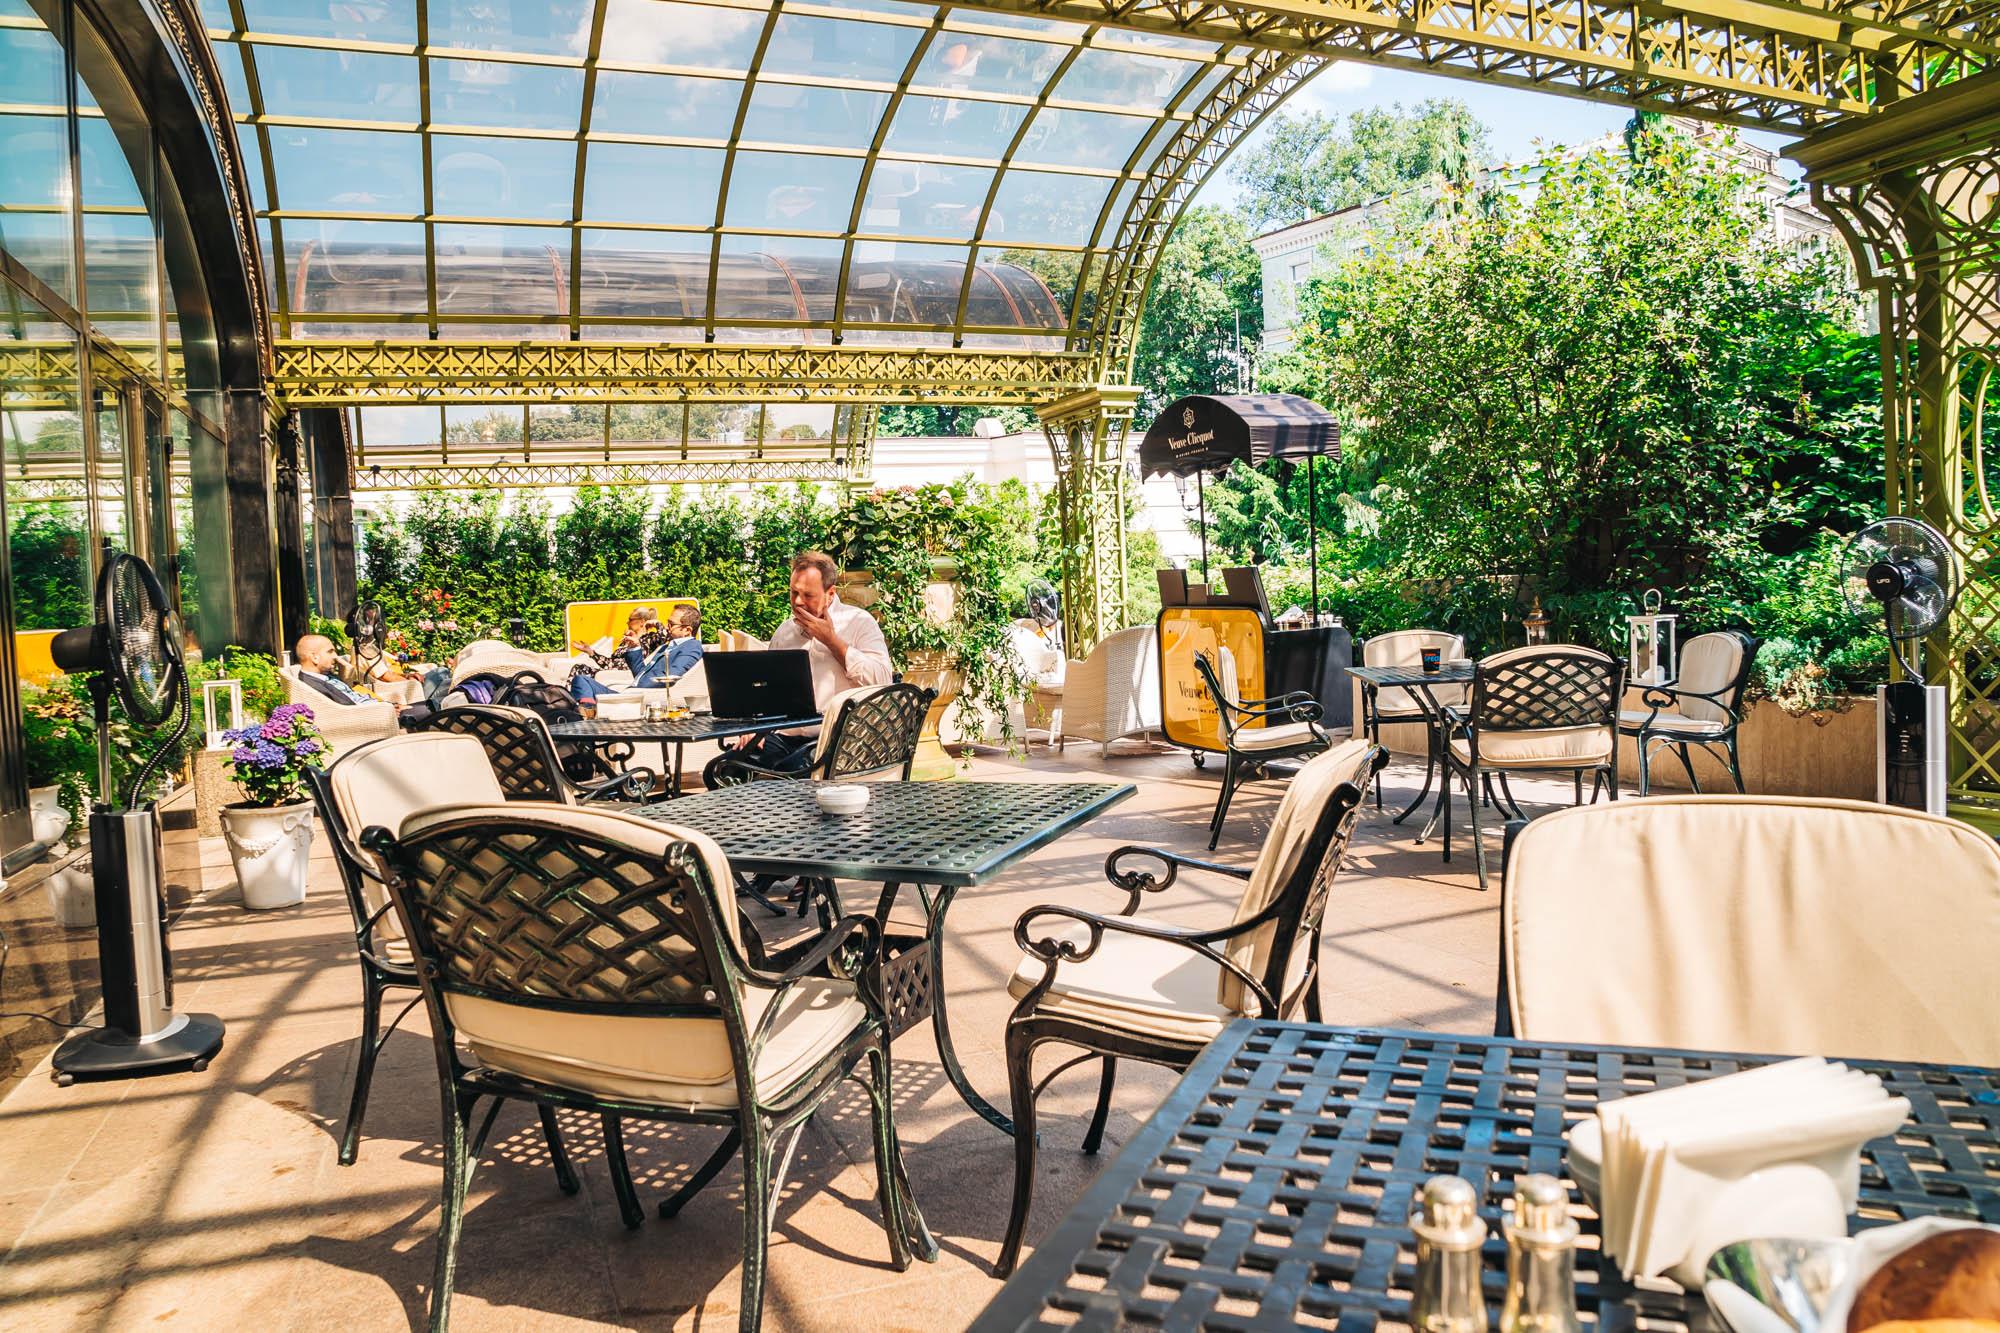 Lovely terrace where I enjoyed my brunch and dinner